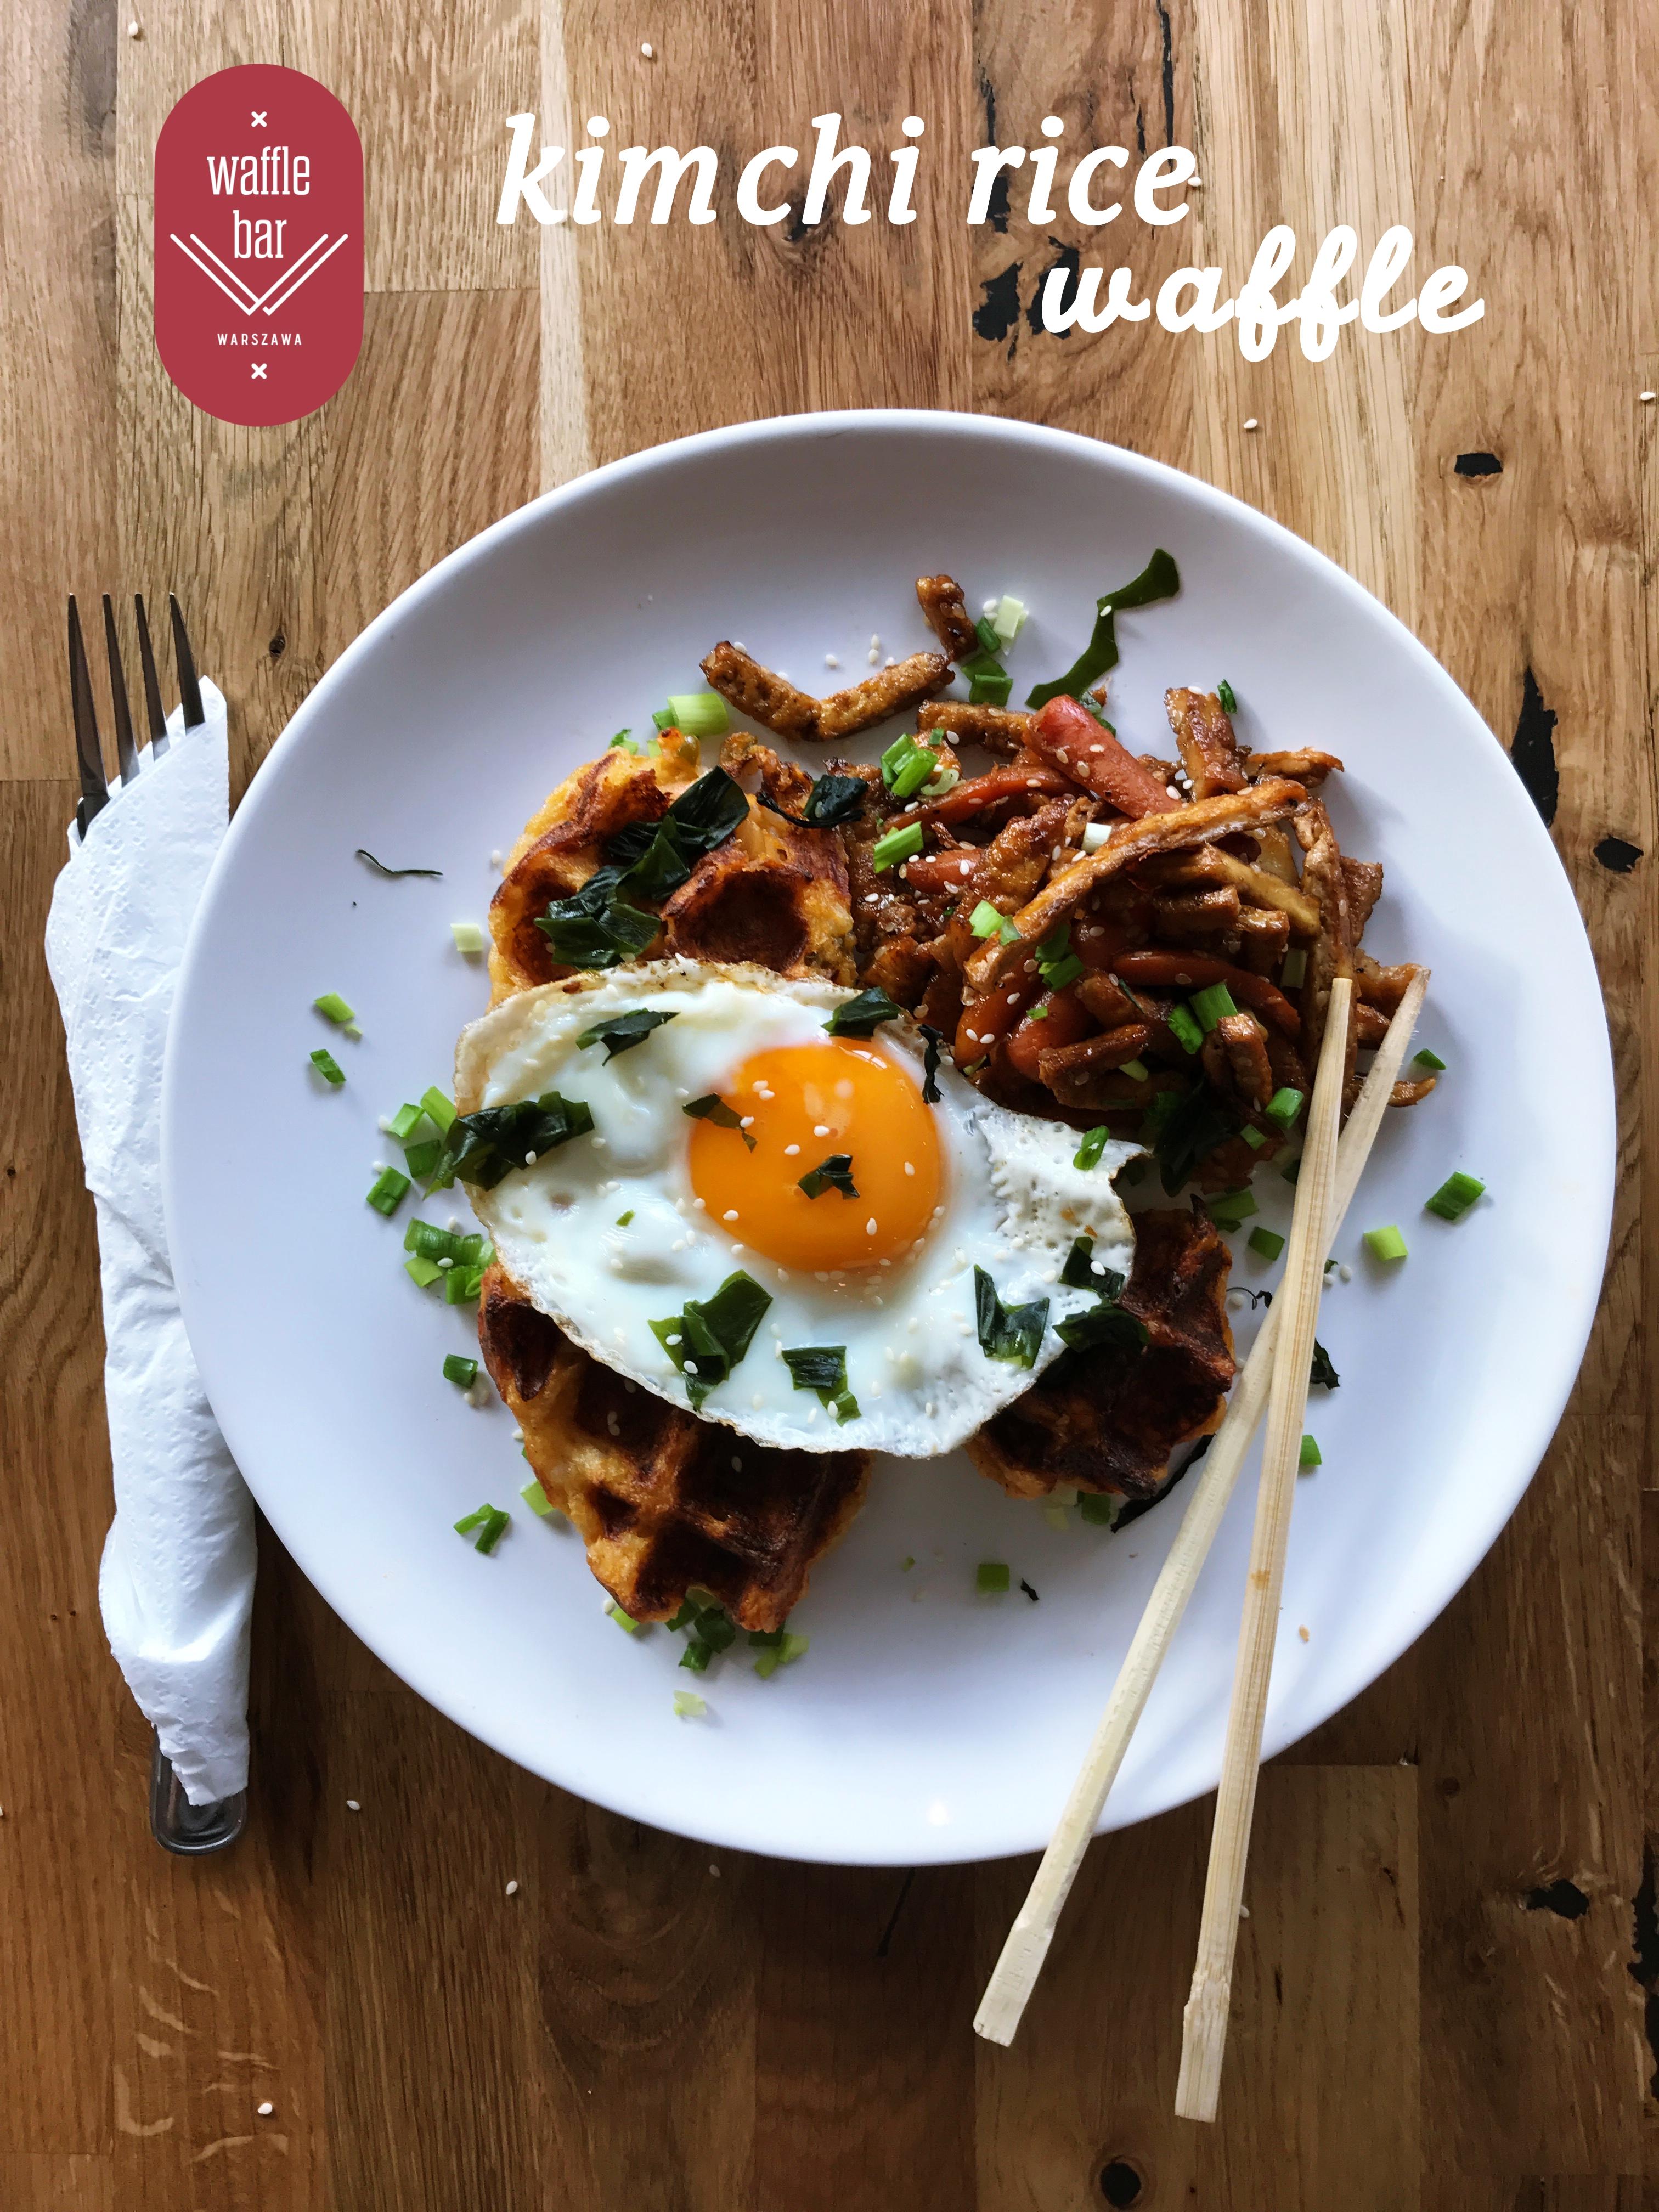 kimchi rice waffle